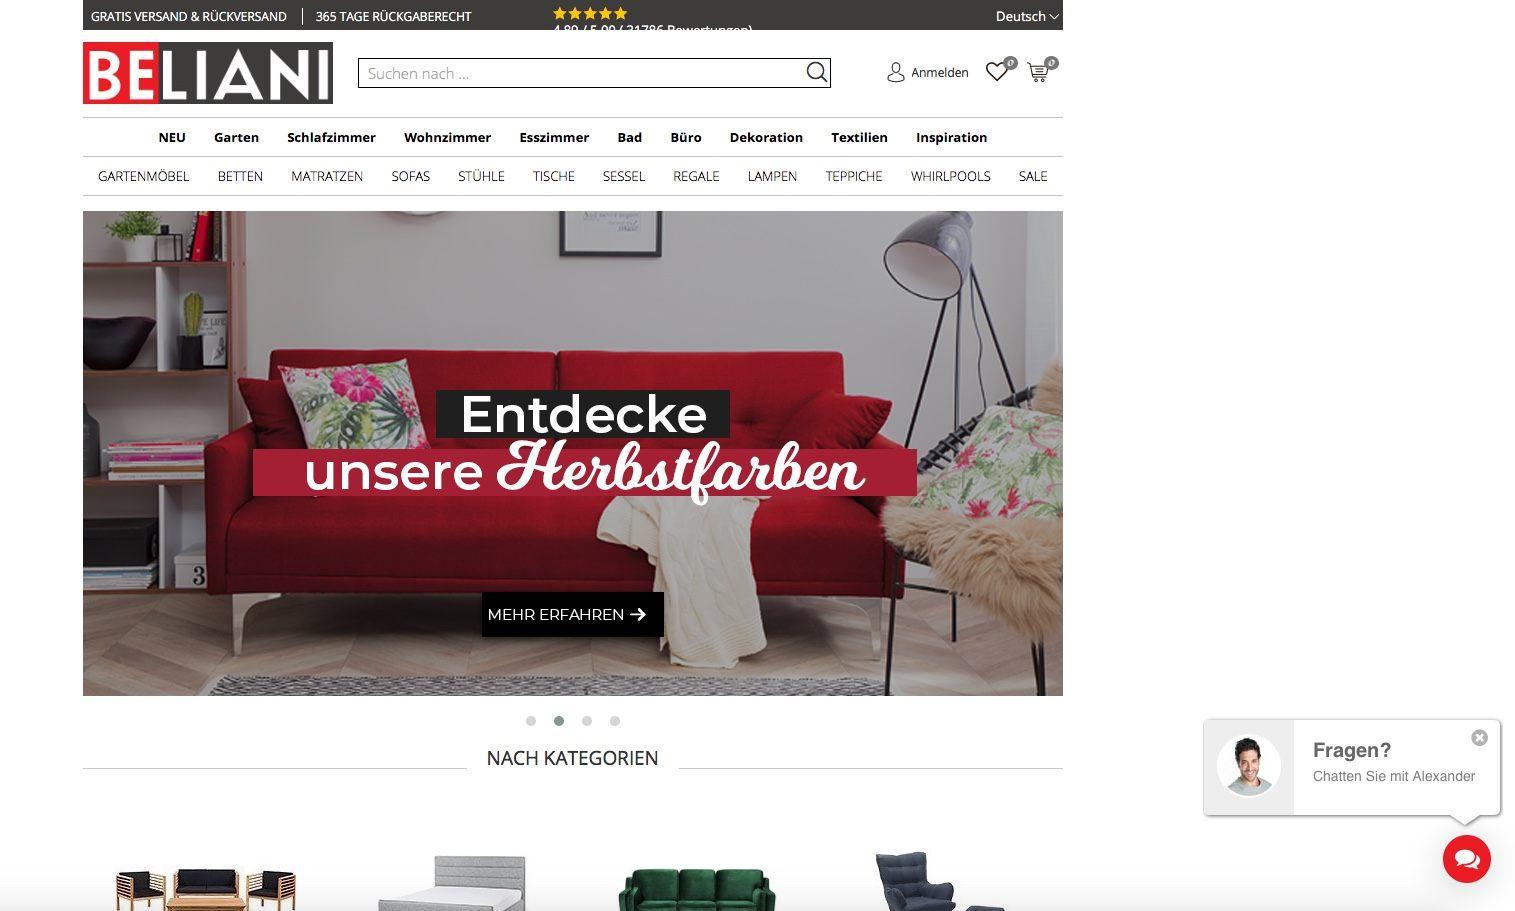 Bildschirmfoto von Beliani.de